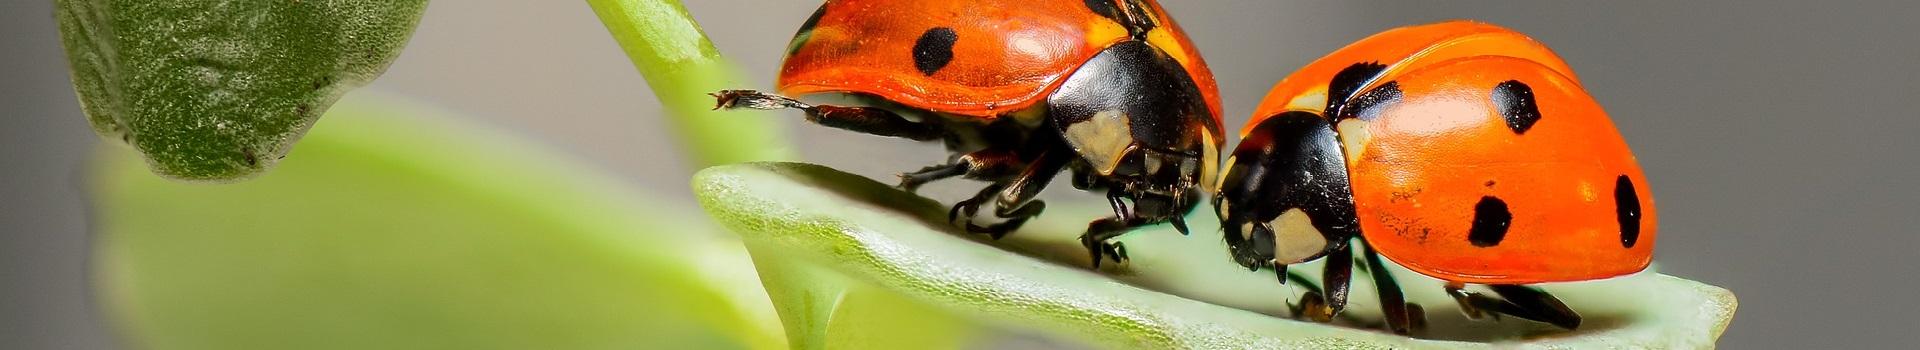 ladybugs-1593406_1920-1